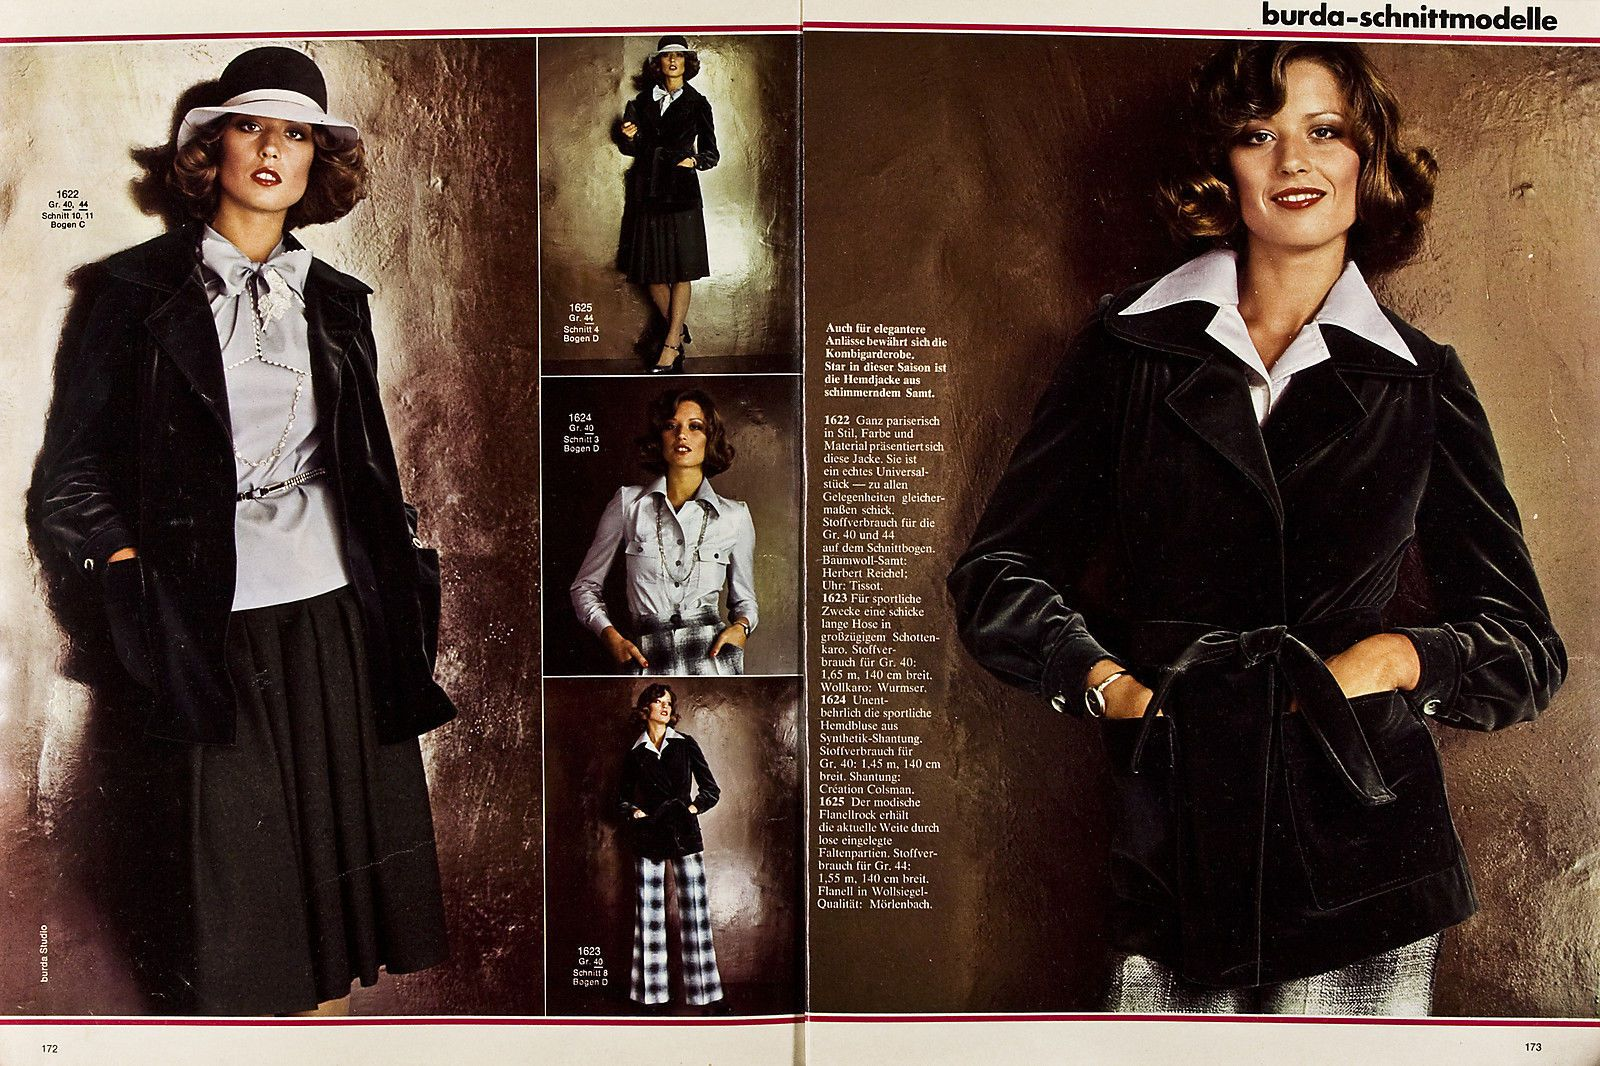 Burda International Speciale HW 74/75 in Libros, revistas y cómics, Revistas, Moda y estilo de vida | eBay